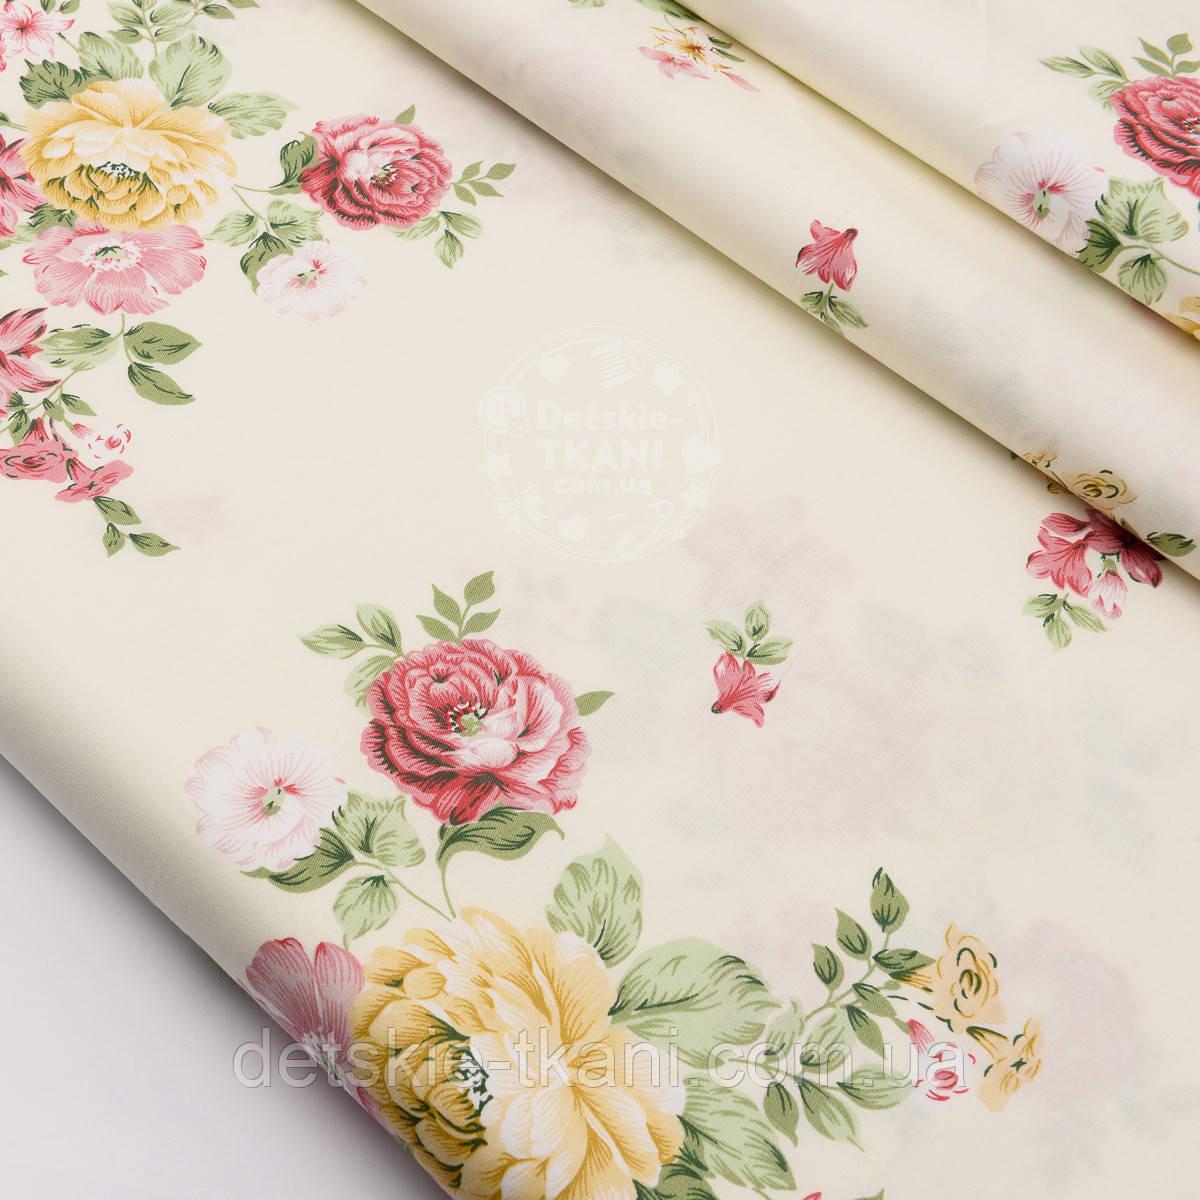 """Сатин ткань """"Крупные жёлтые розы с красными лилиями"""" на молочном фоне, № 1474с"""